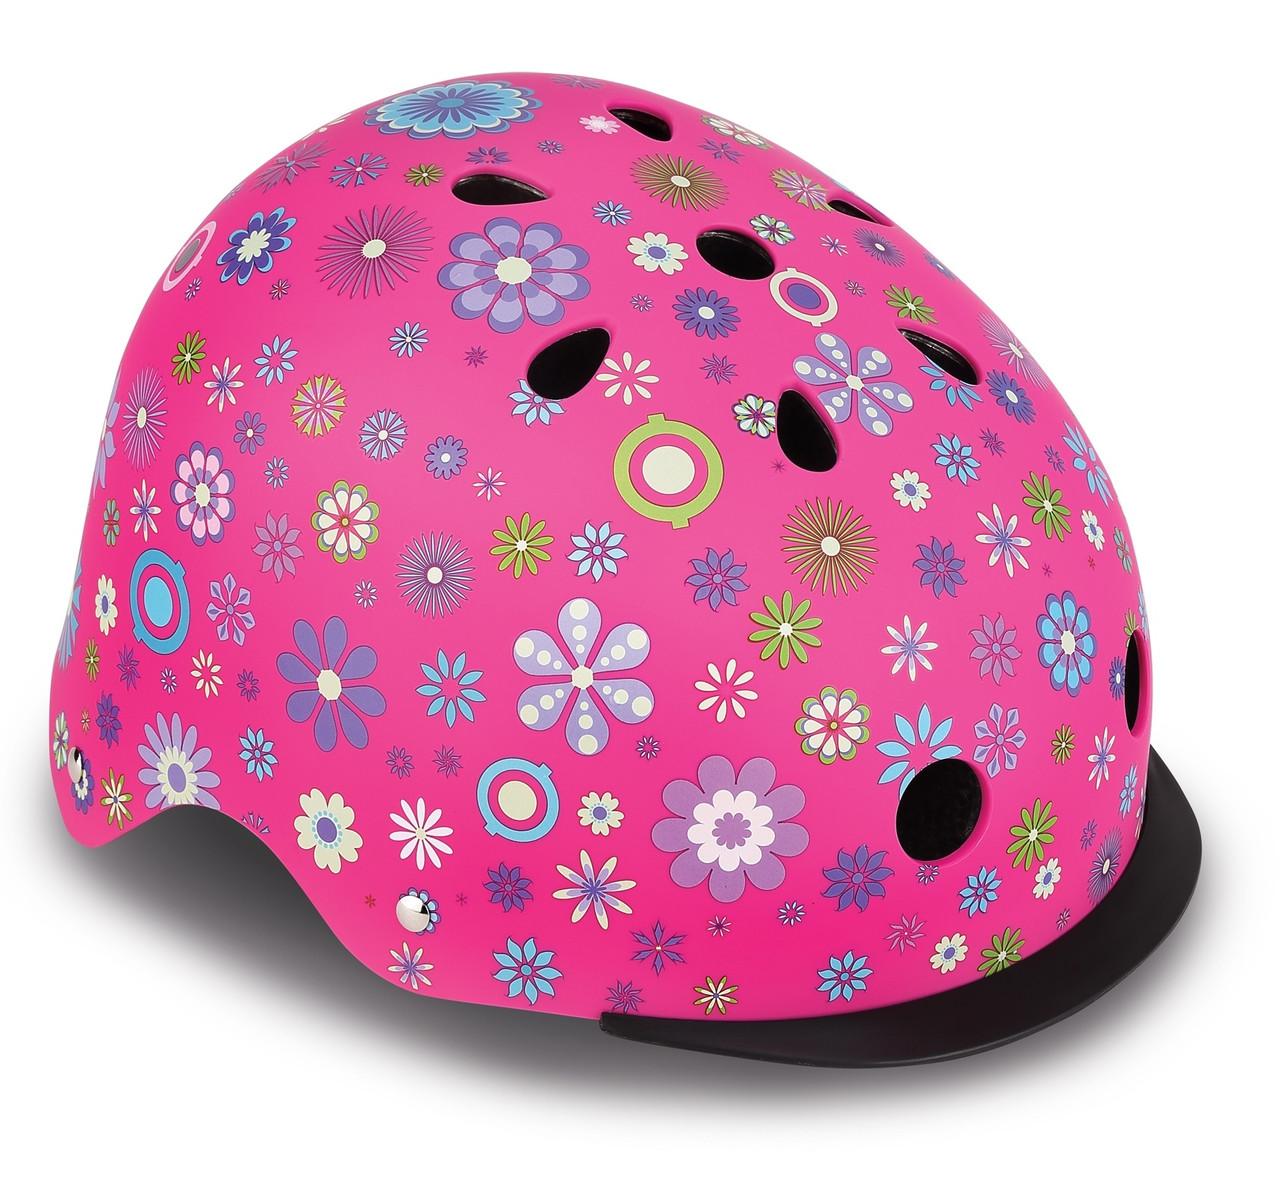 Шлем защитный детский Globber Цветы, с фонариком, 48-53см XS/S (507-110)